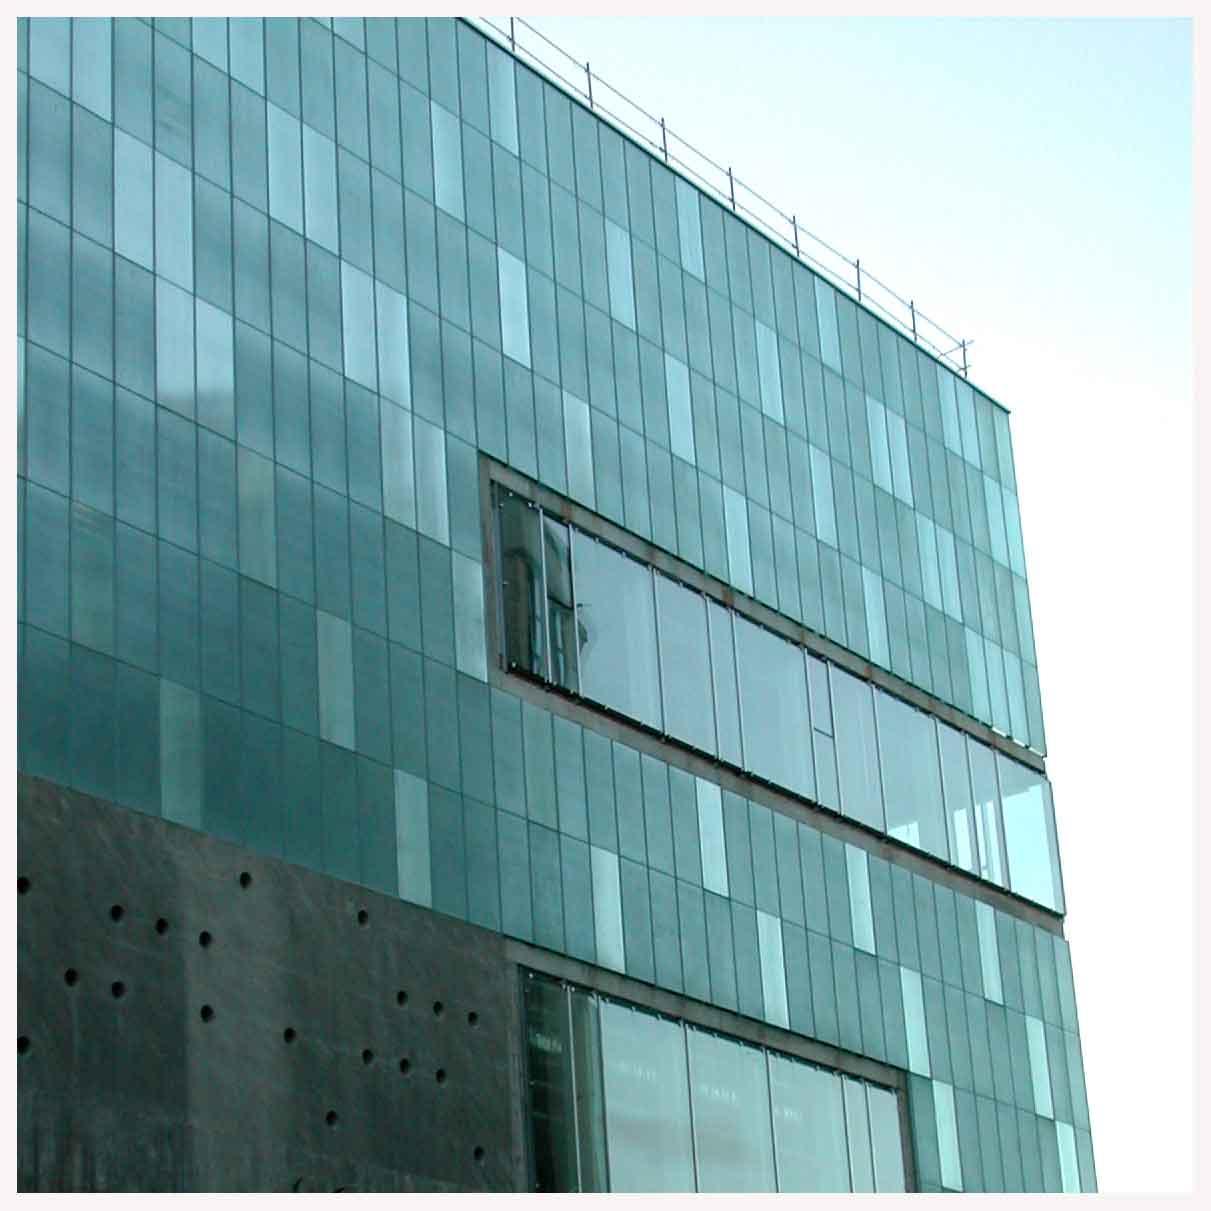 centro de artes a coru a premio arquitectura joven